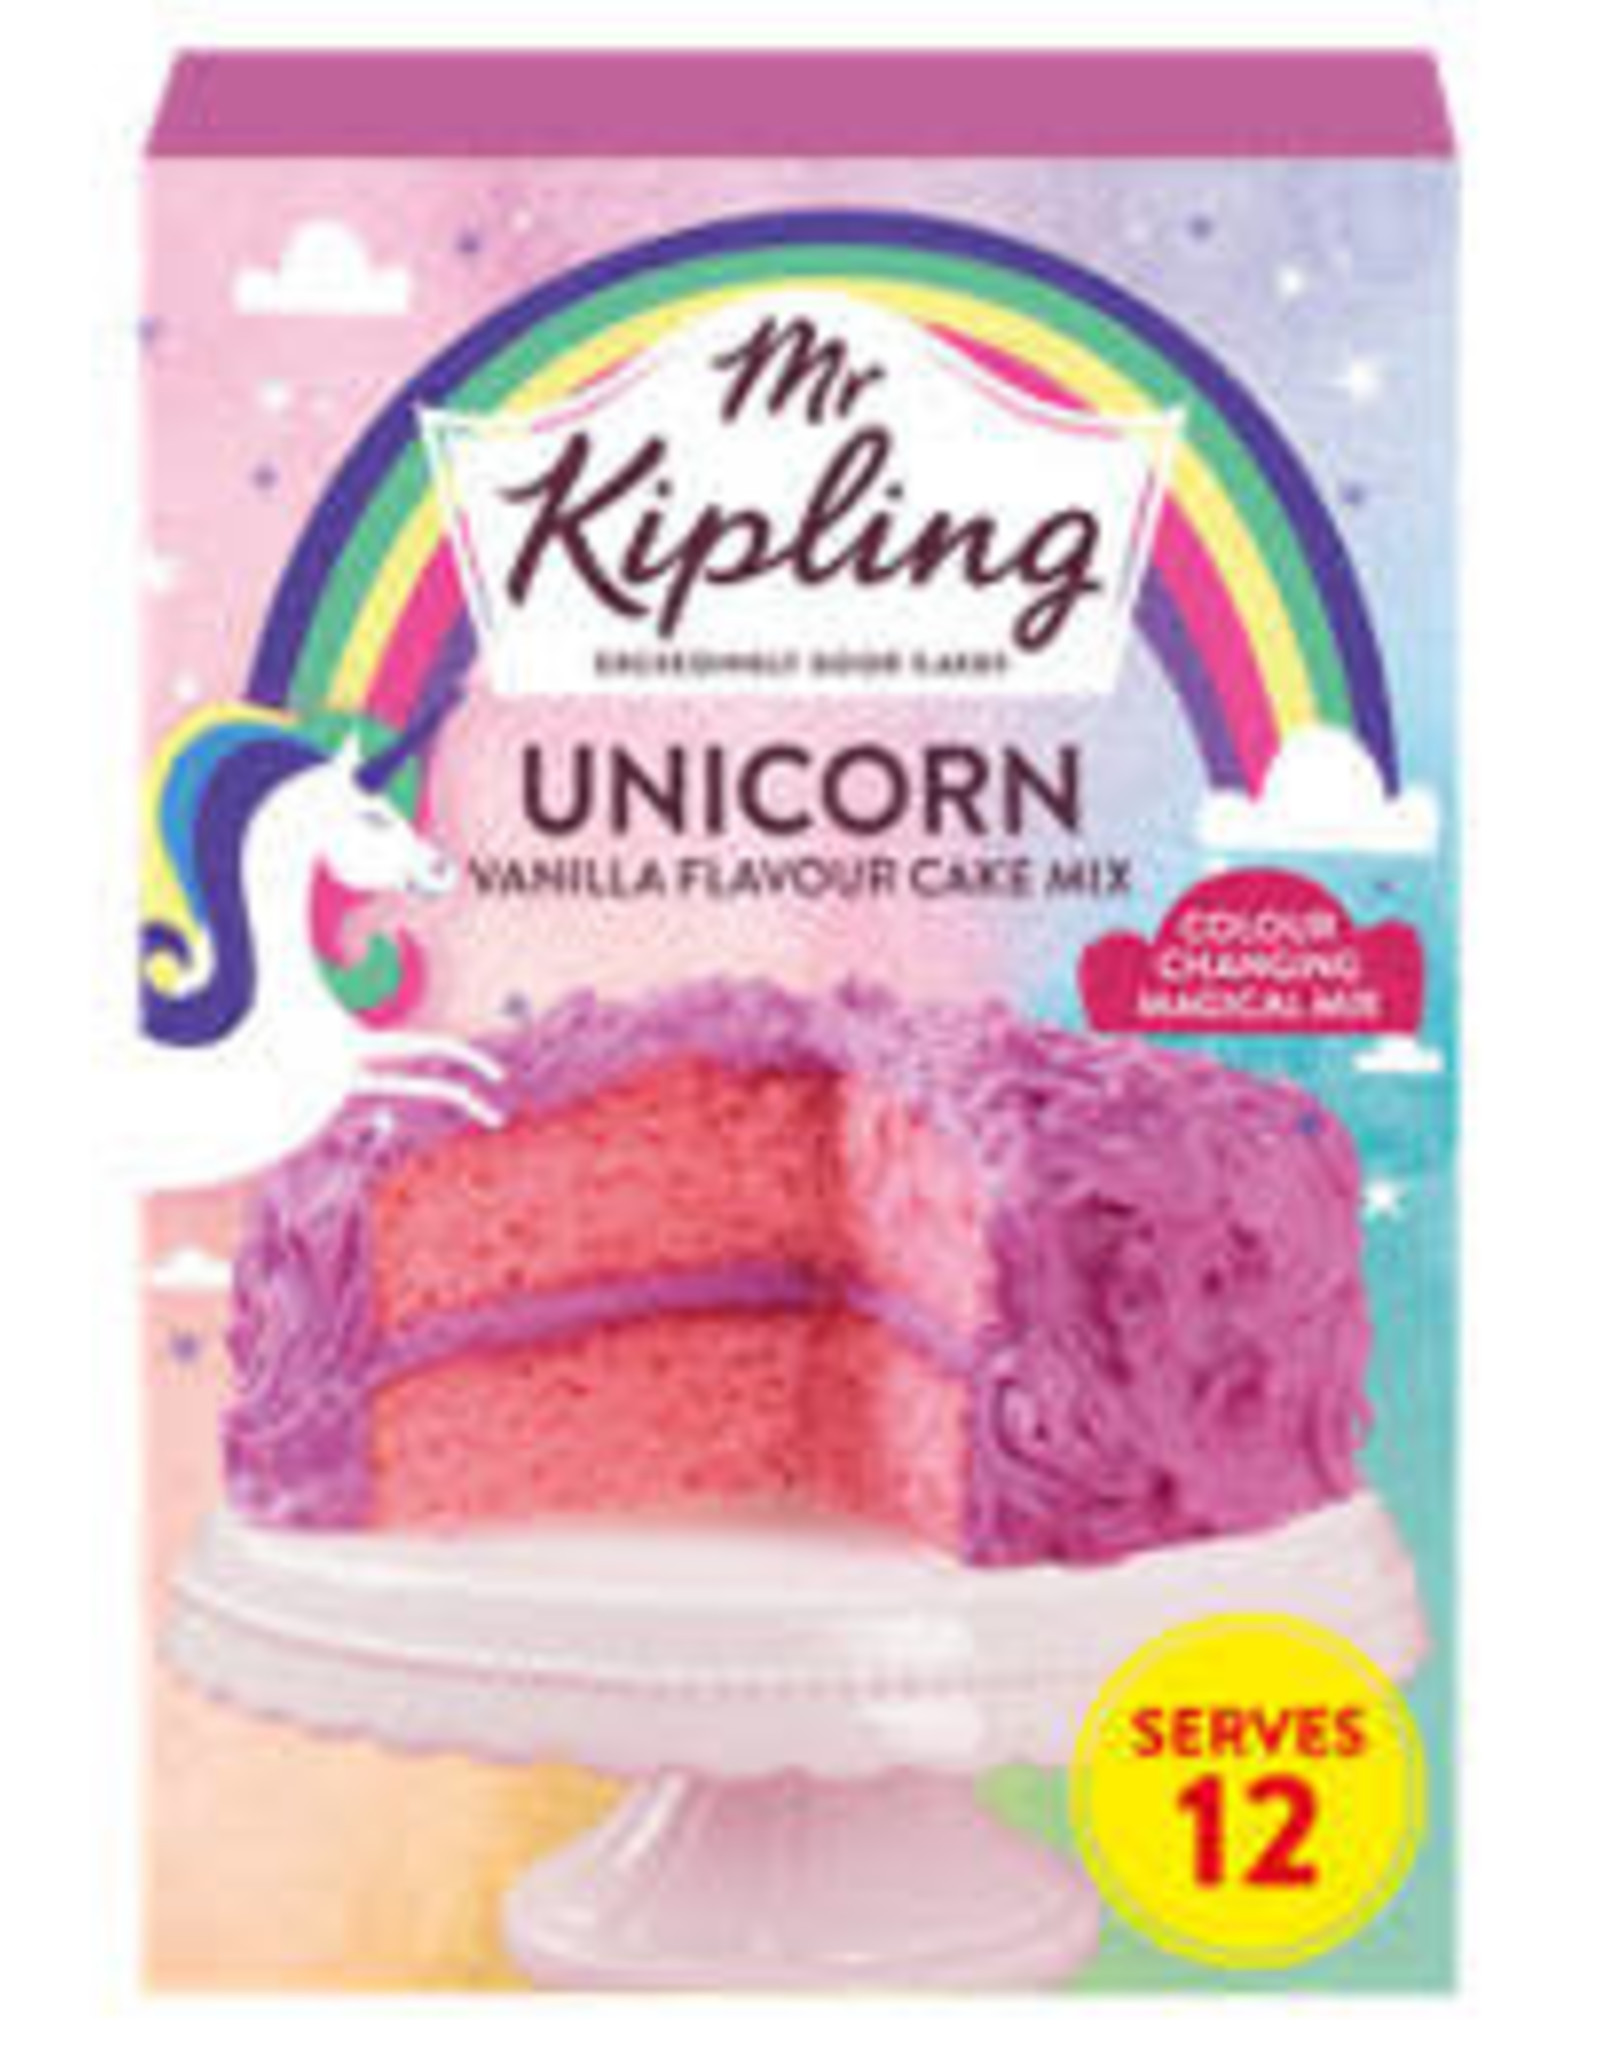 Mr Kipling Mr Kipling Unicorn Cake Mix